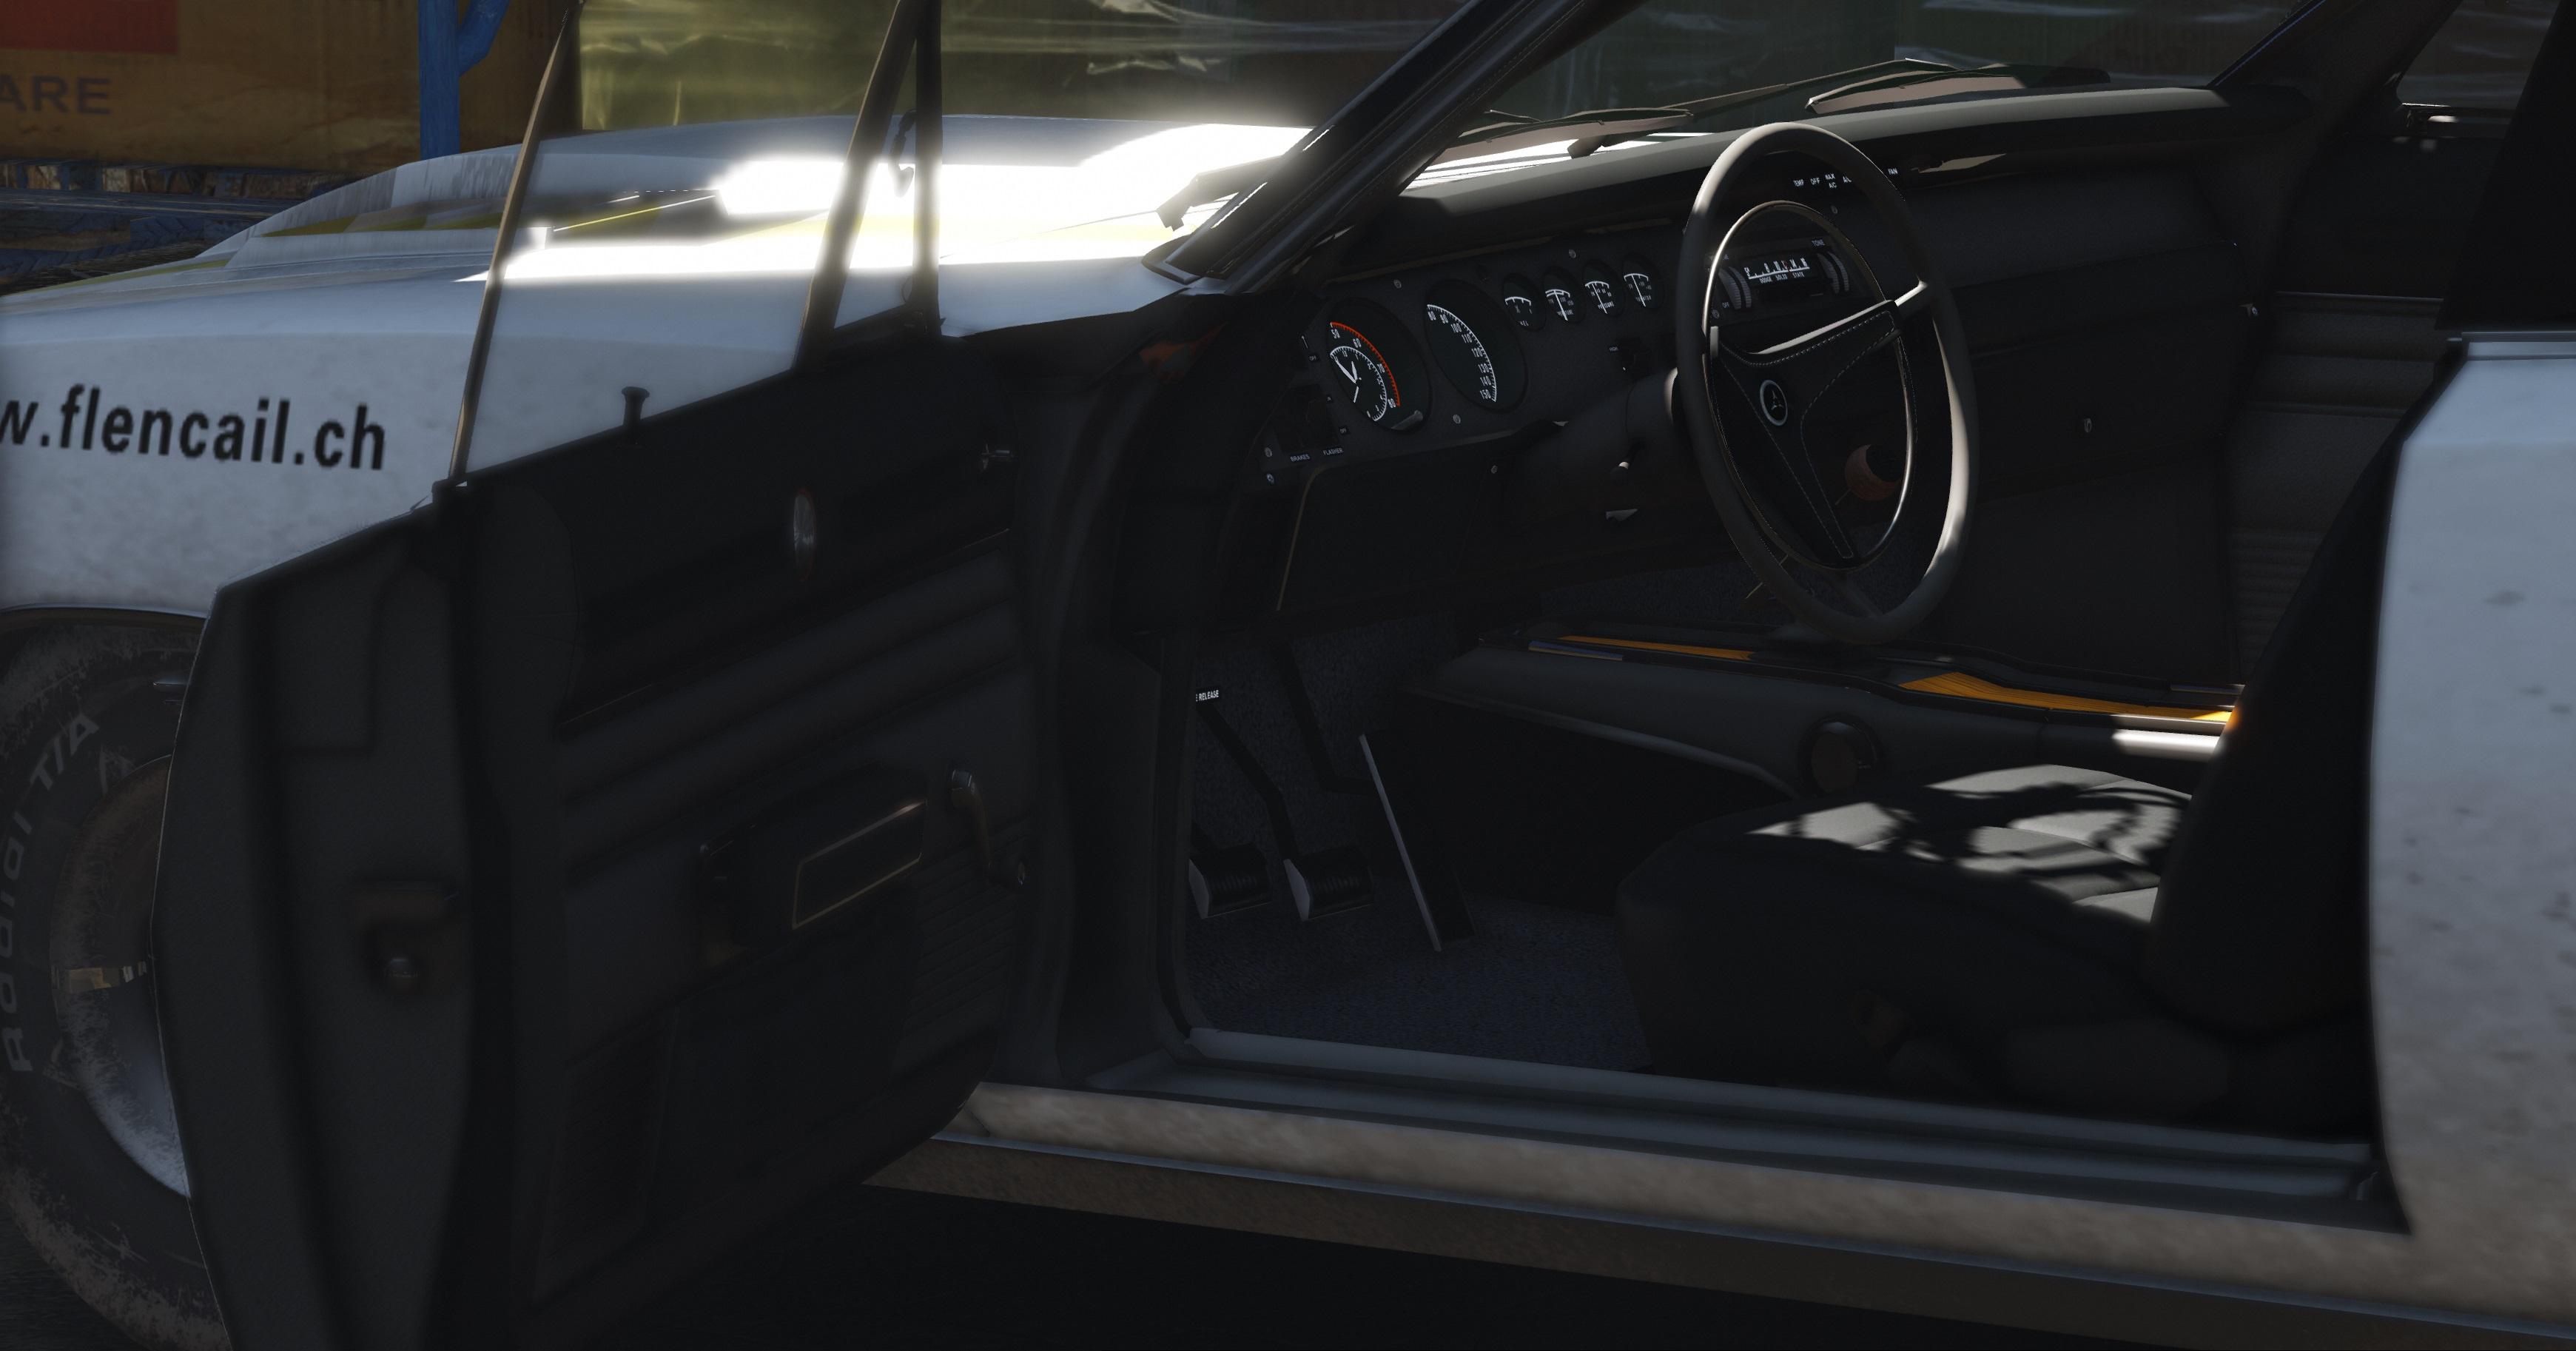 Dodge car tuning part 3 - 5af929 Enb2016 9 17 21 41 22